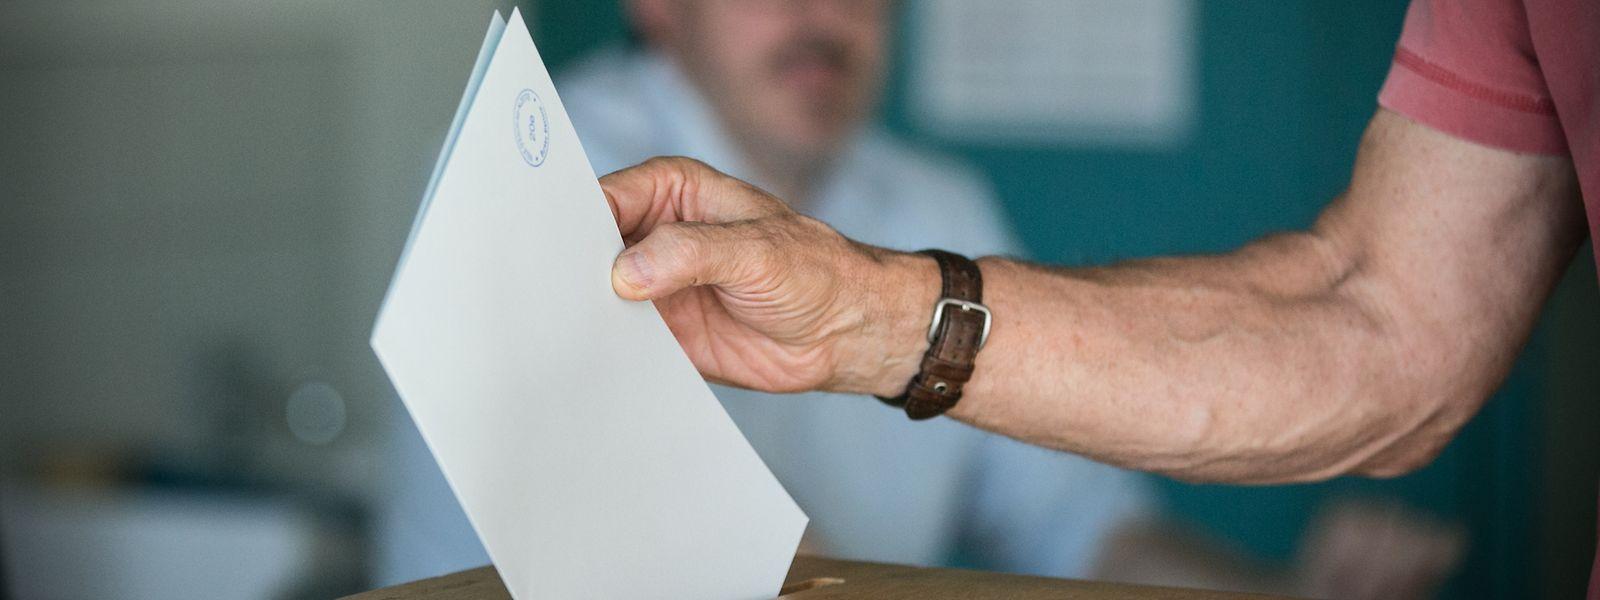 Die Senkung des Wahlalters in Luxemburg wurde 2015 bei einem Referendum abgelehnt.